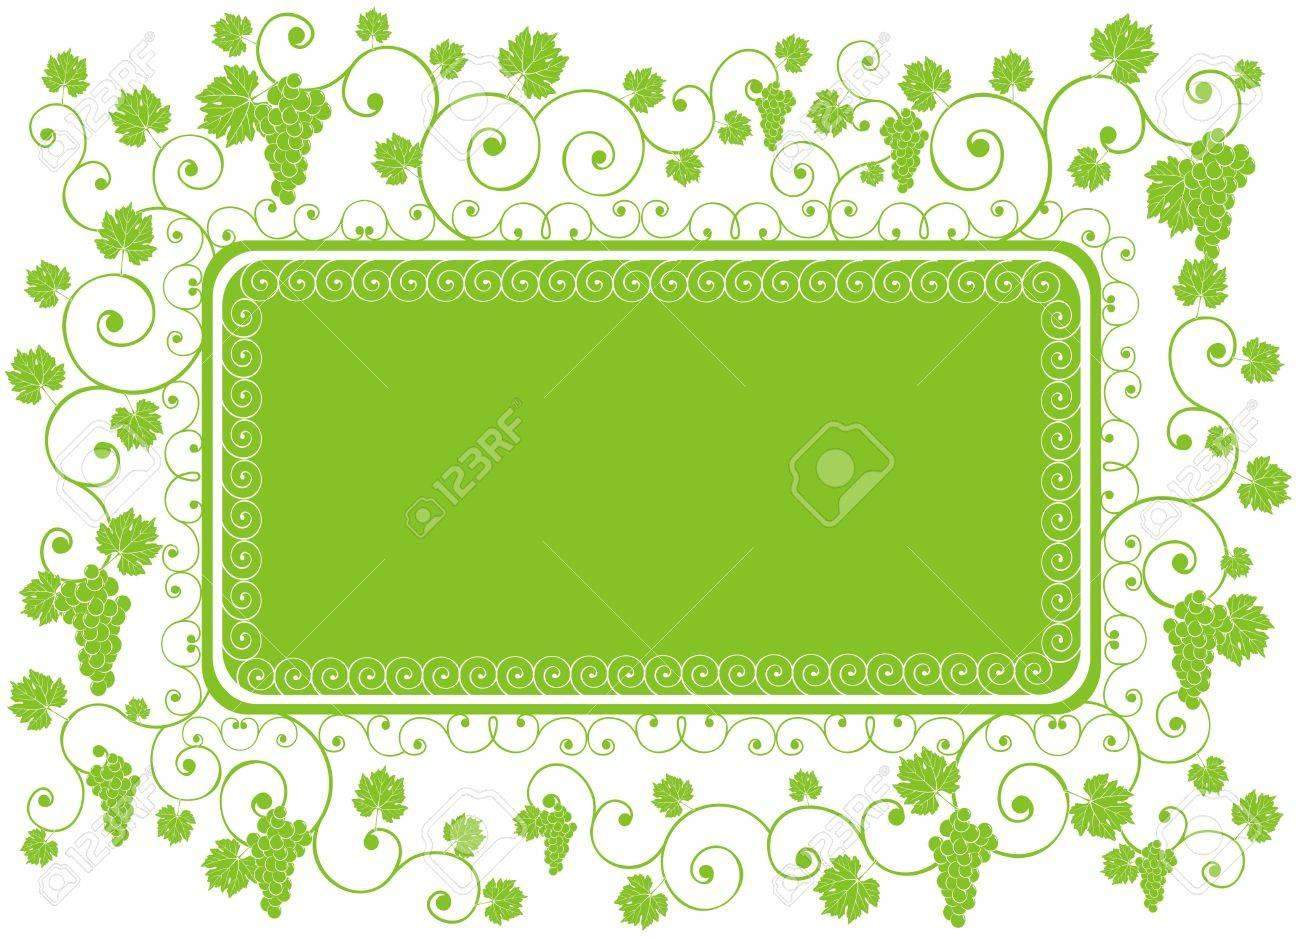 Grüne Landschaft Rahmen Verziert Trauben, Reben Und Abstrakten ...